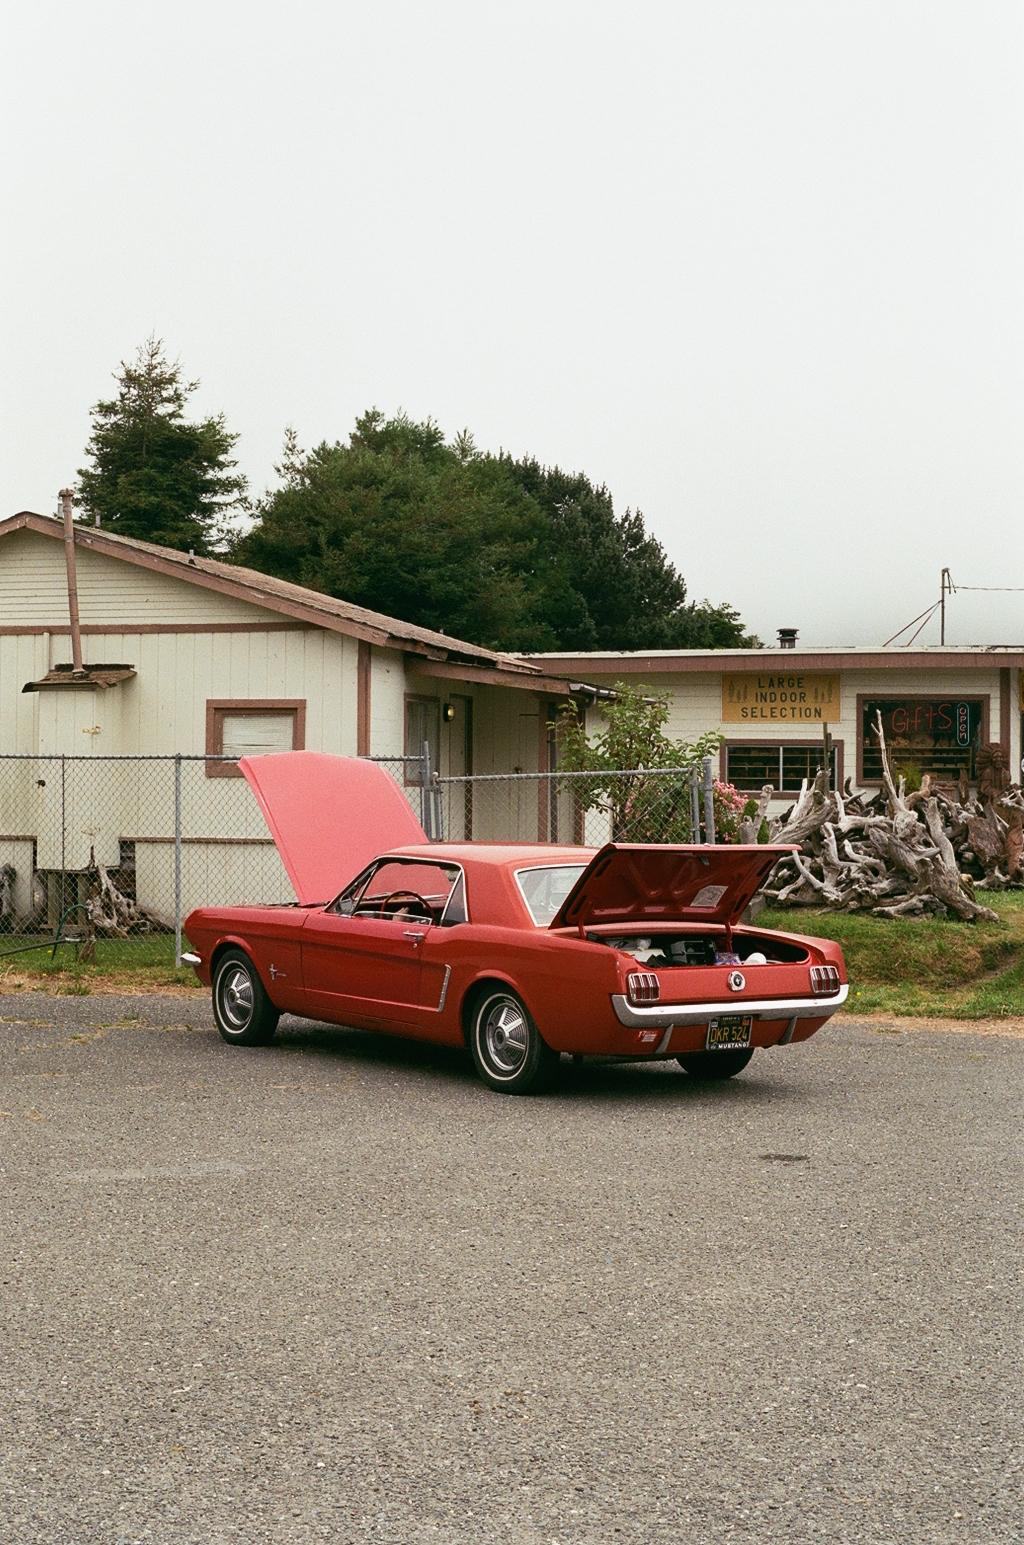 Broken down Mustang